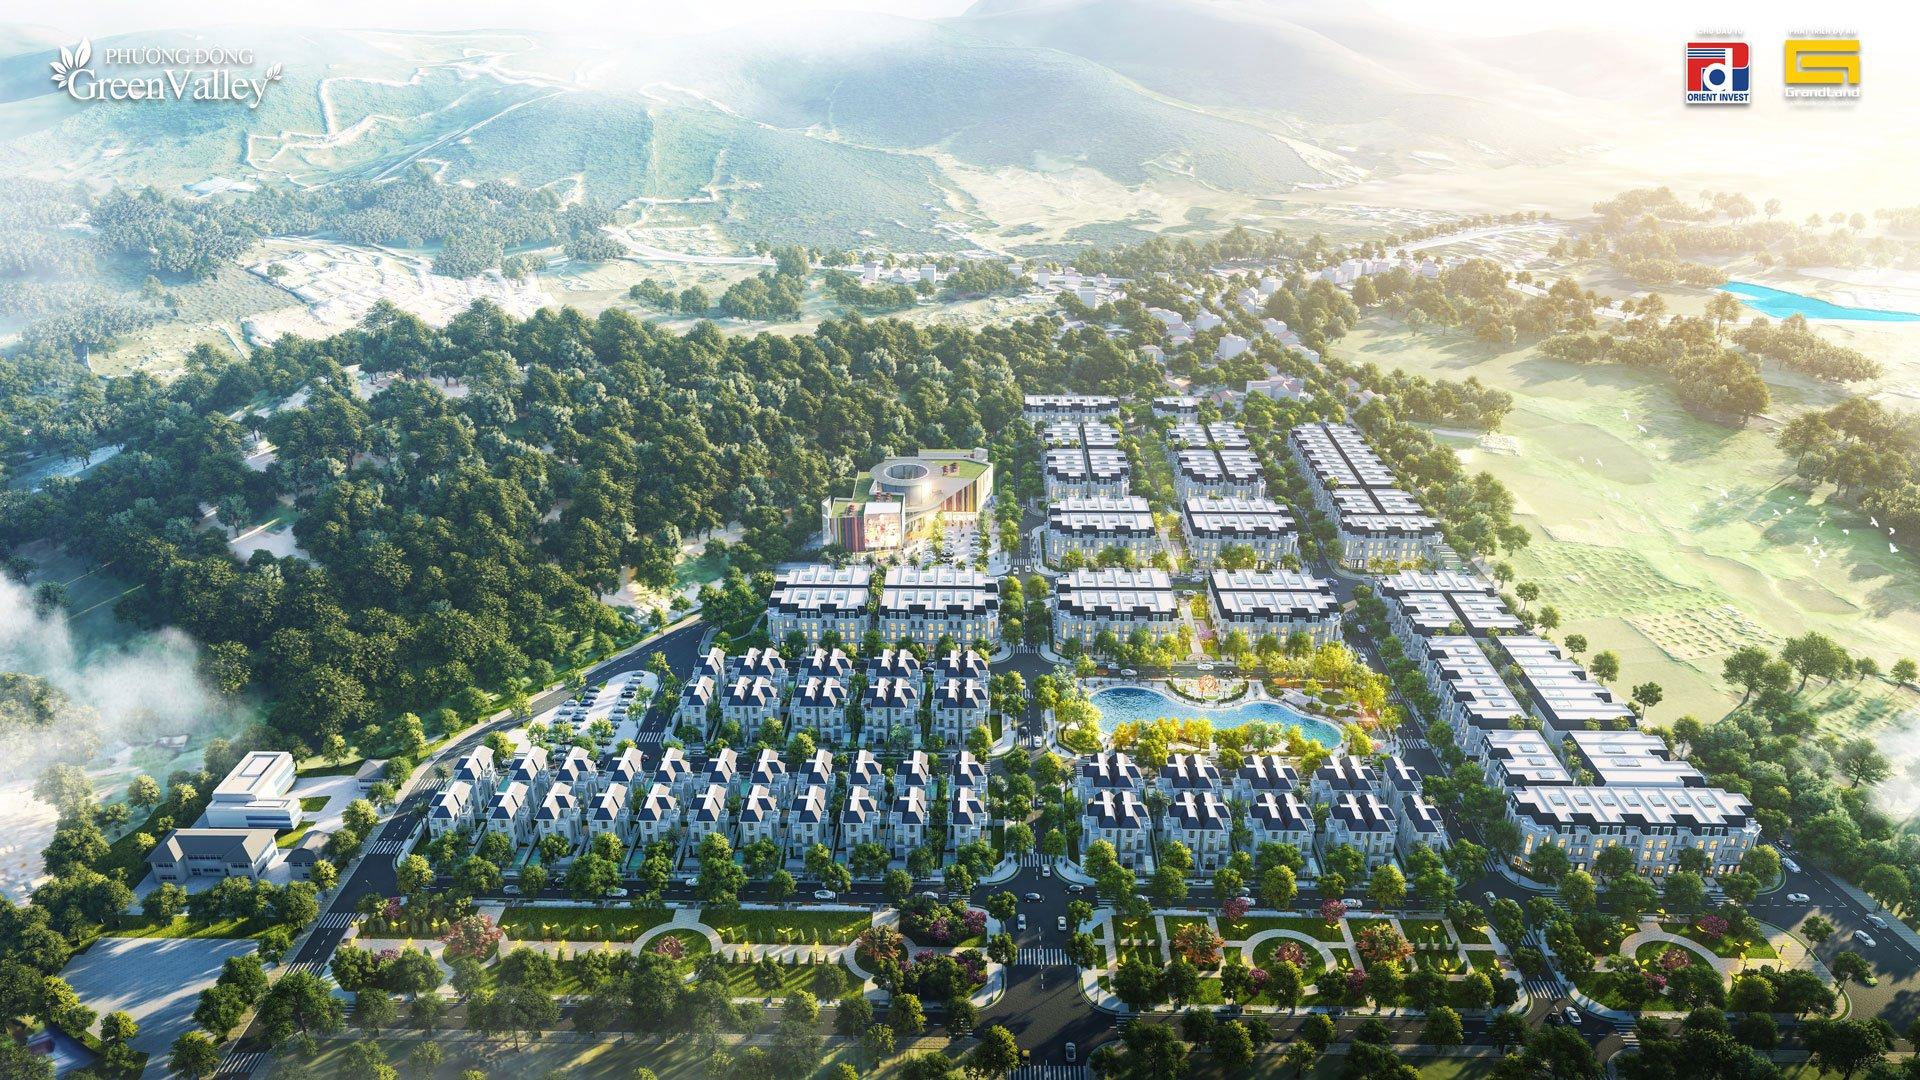 dự án phương đông green valley lương sơn hòa bình